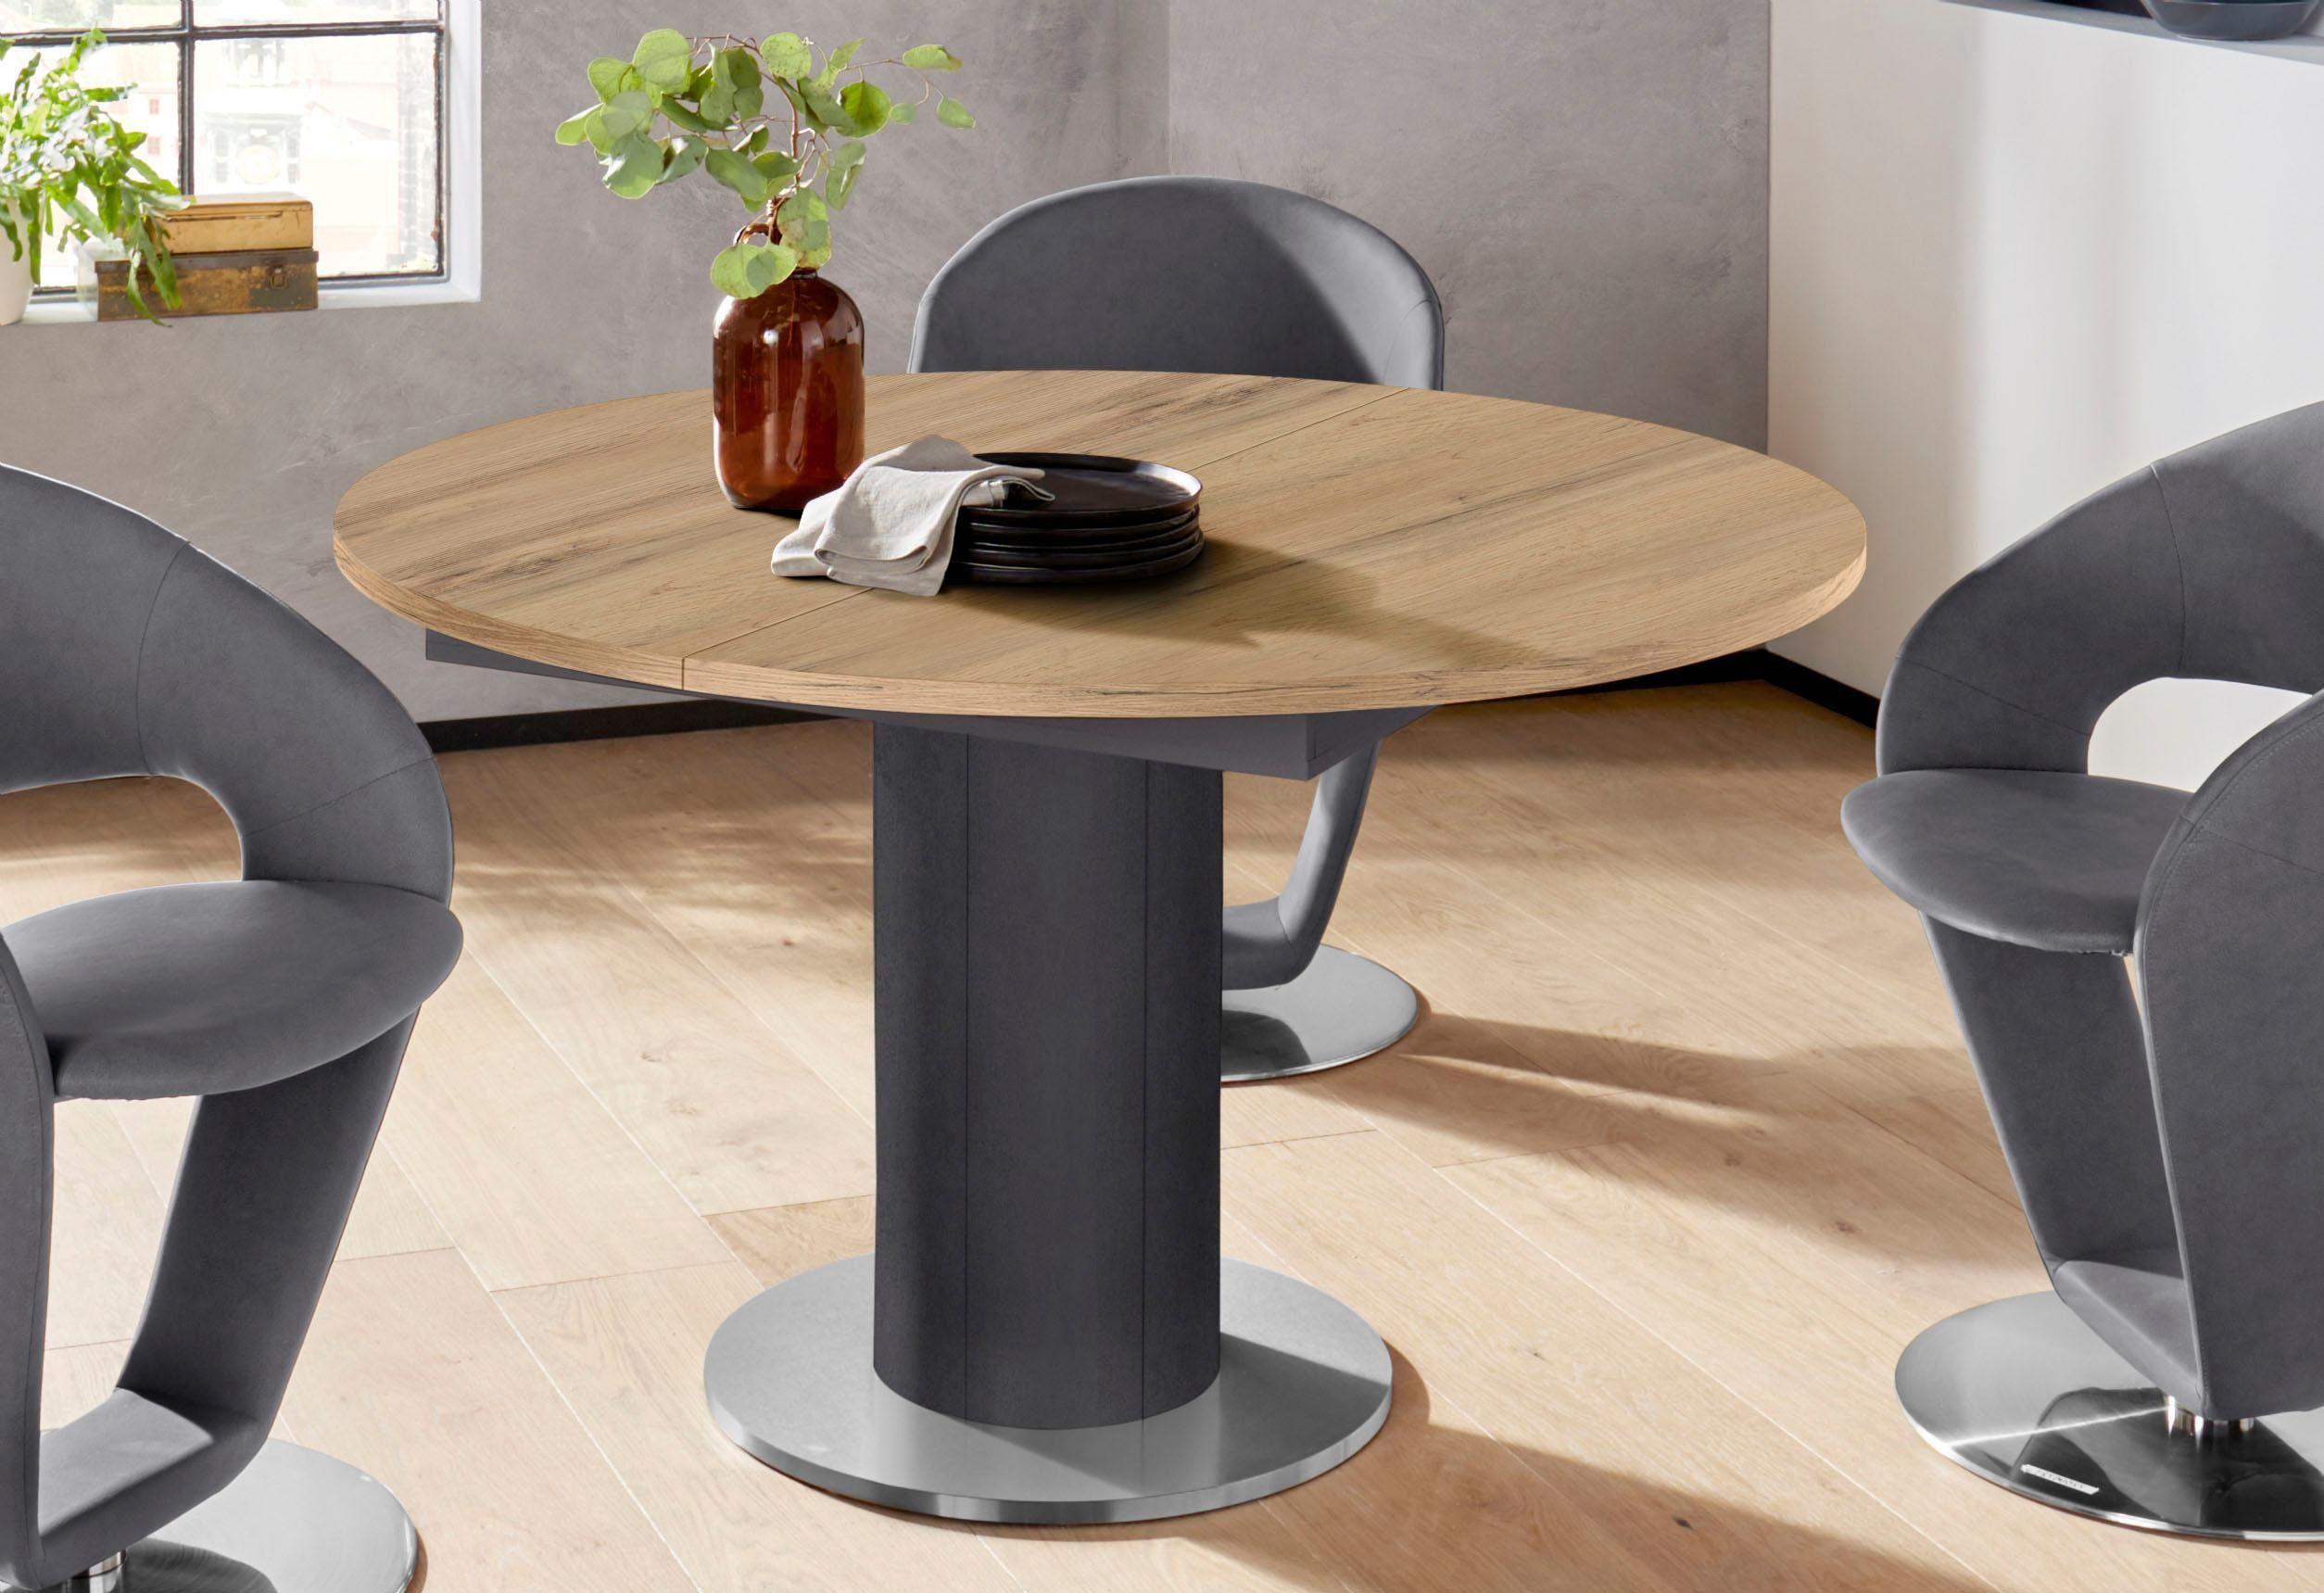 Mäusbacher Esstisch, rund, Untergestell Säule beige Esstisch Ausziehbare Esstische Tische